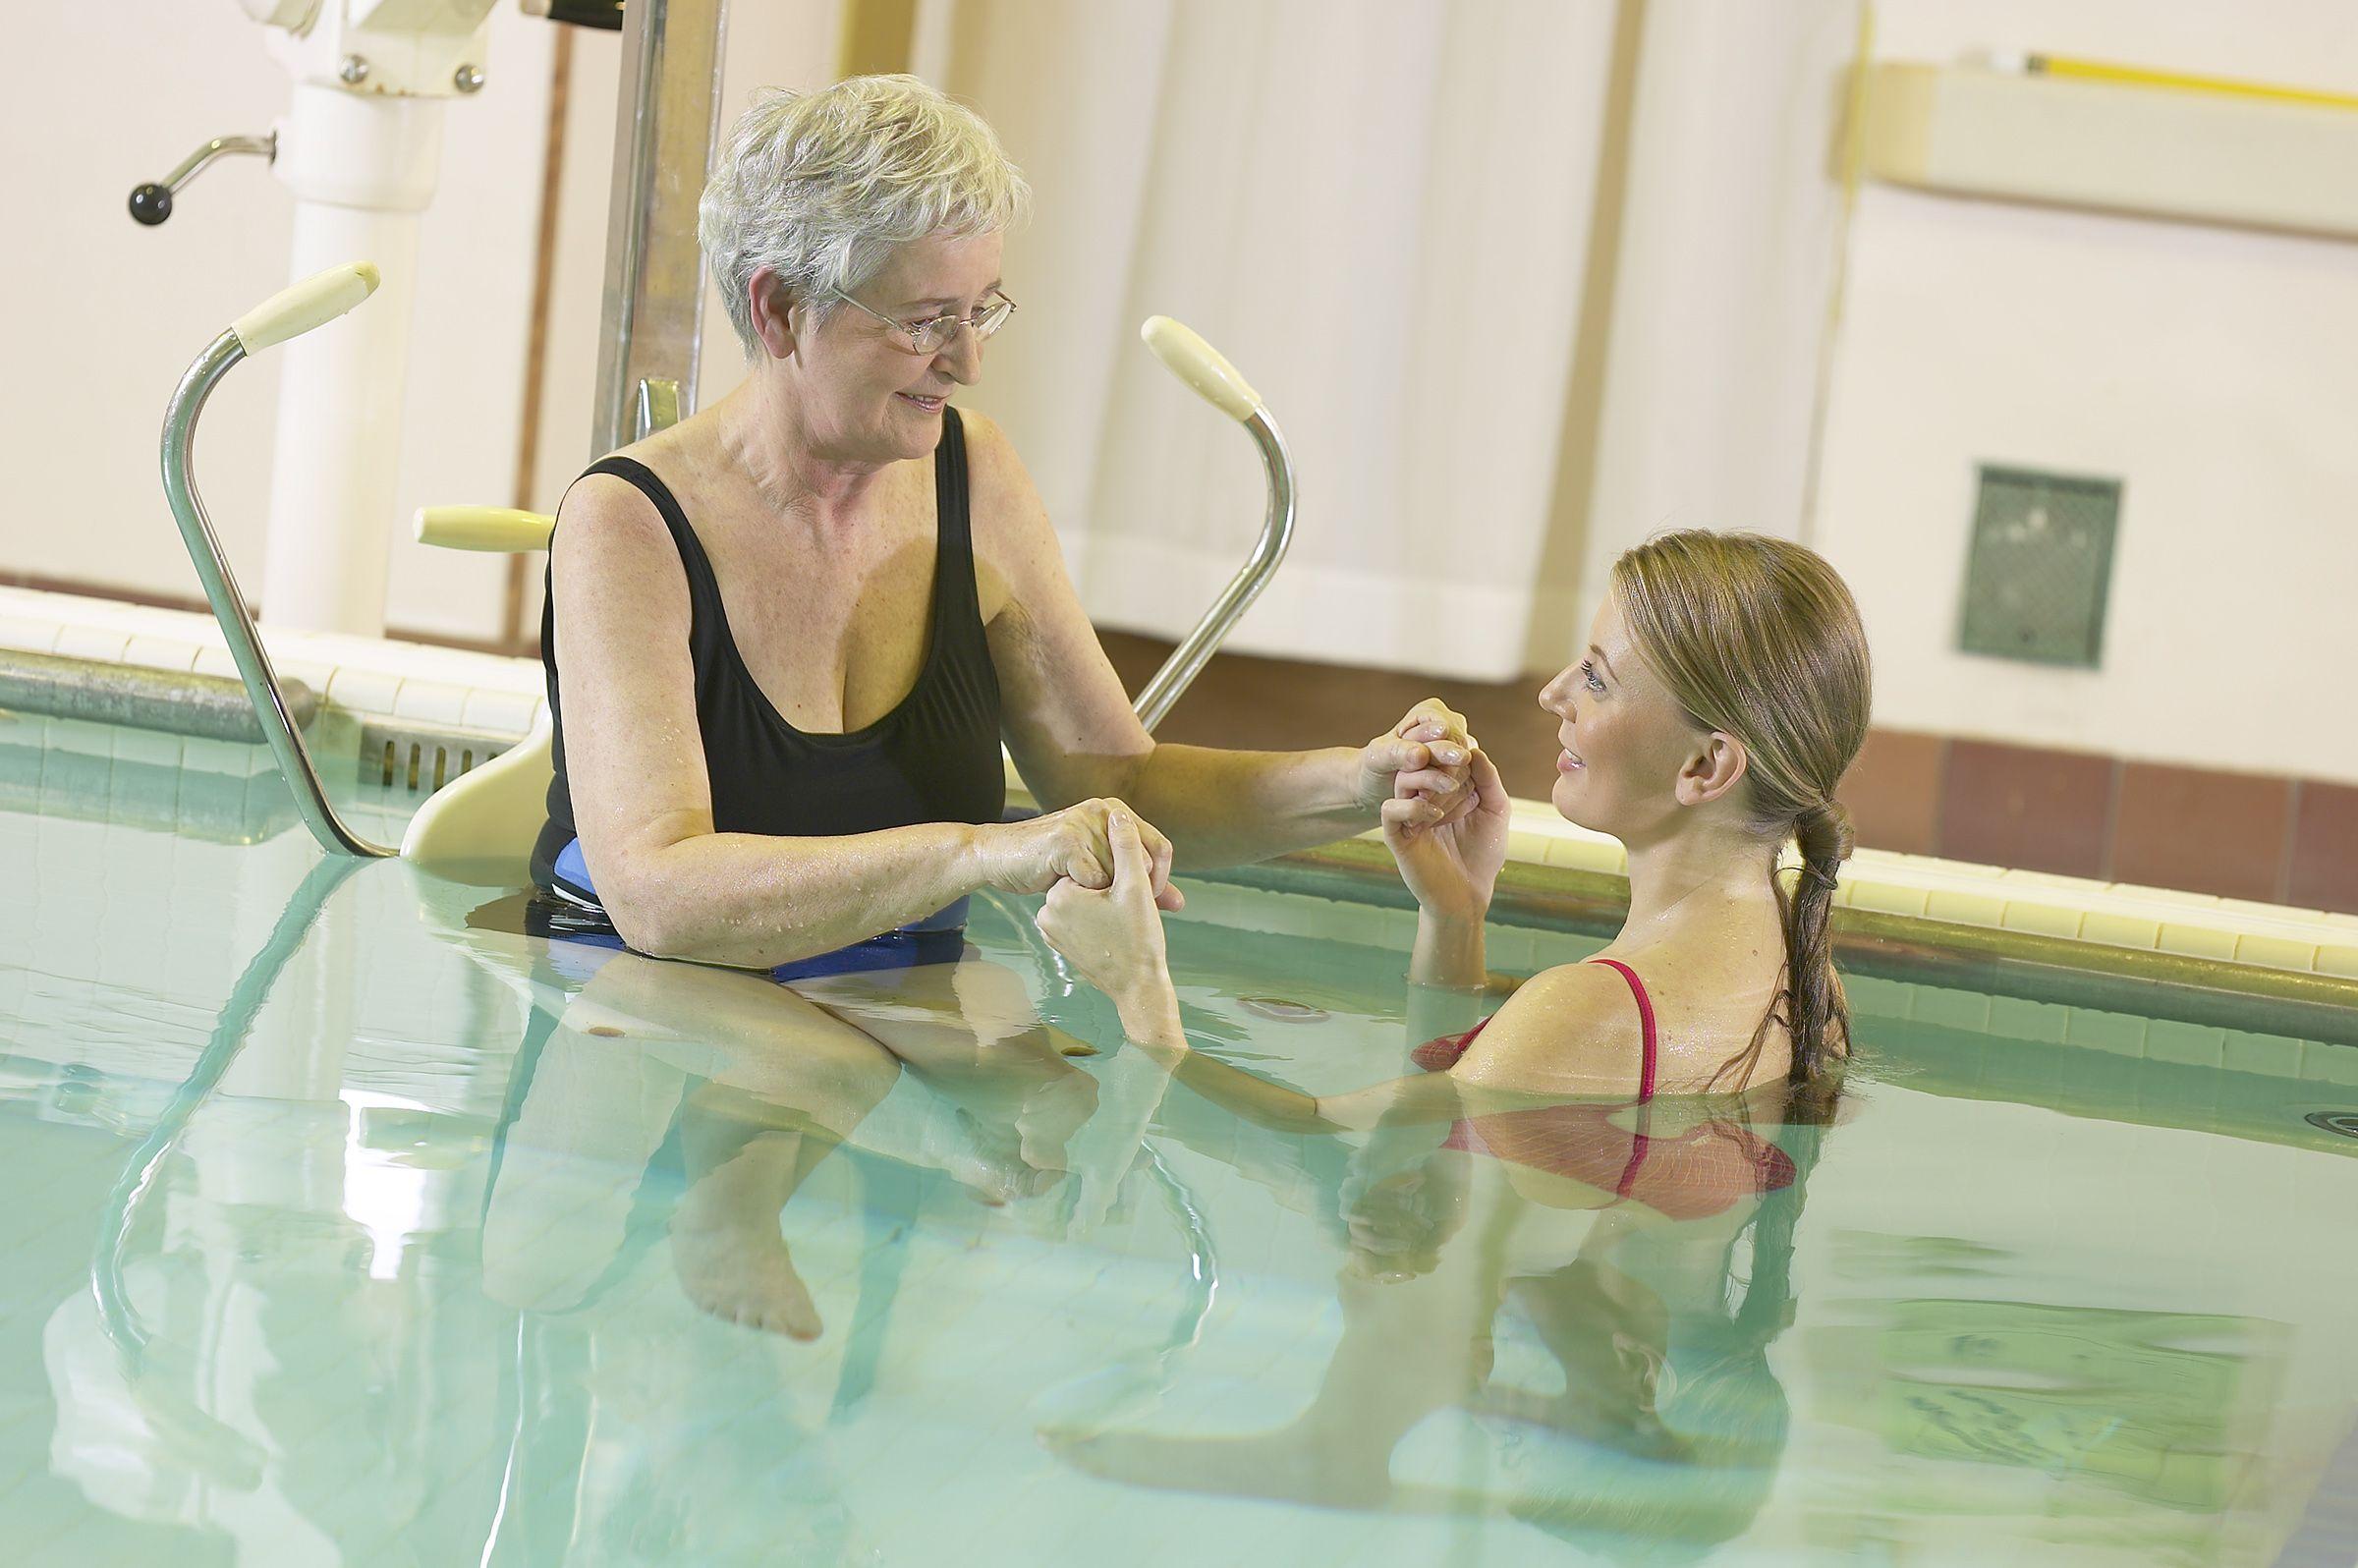 magas vérnyomás és meleg fürdők magas vérnyomás fiatal korú fórumon